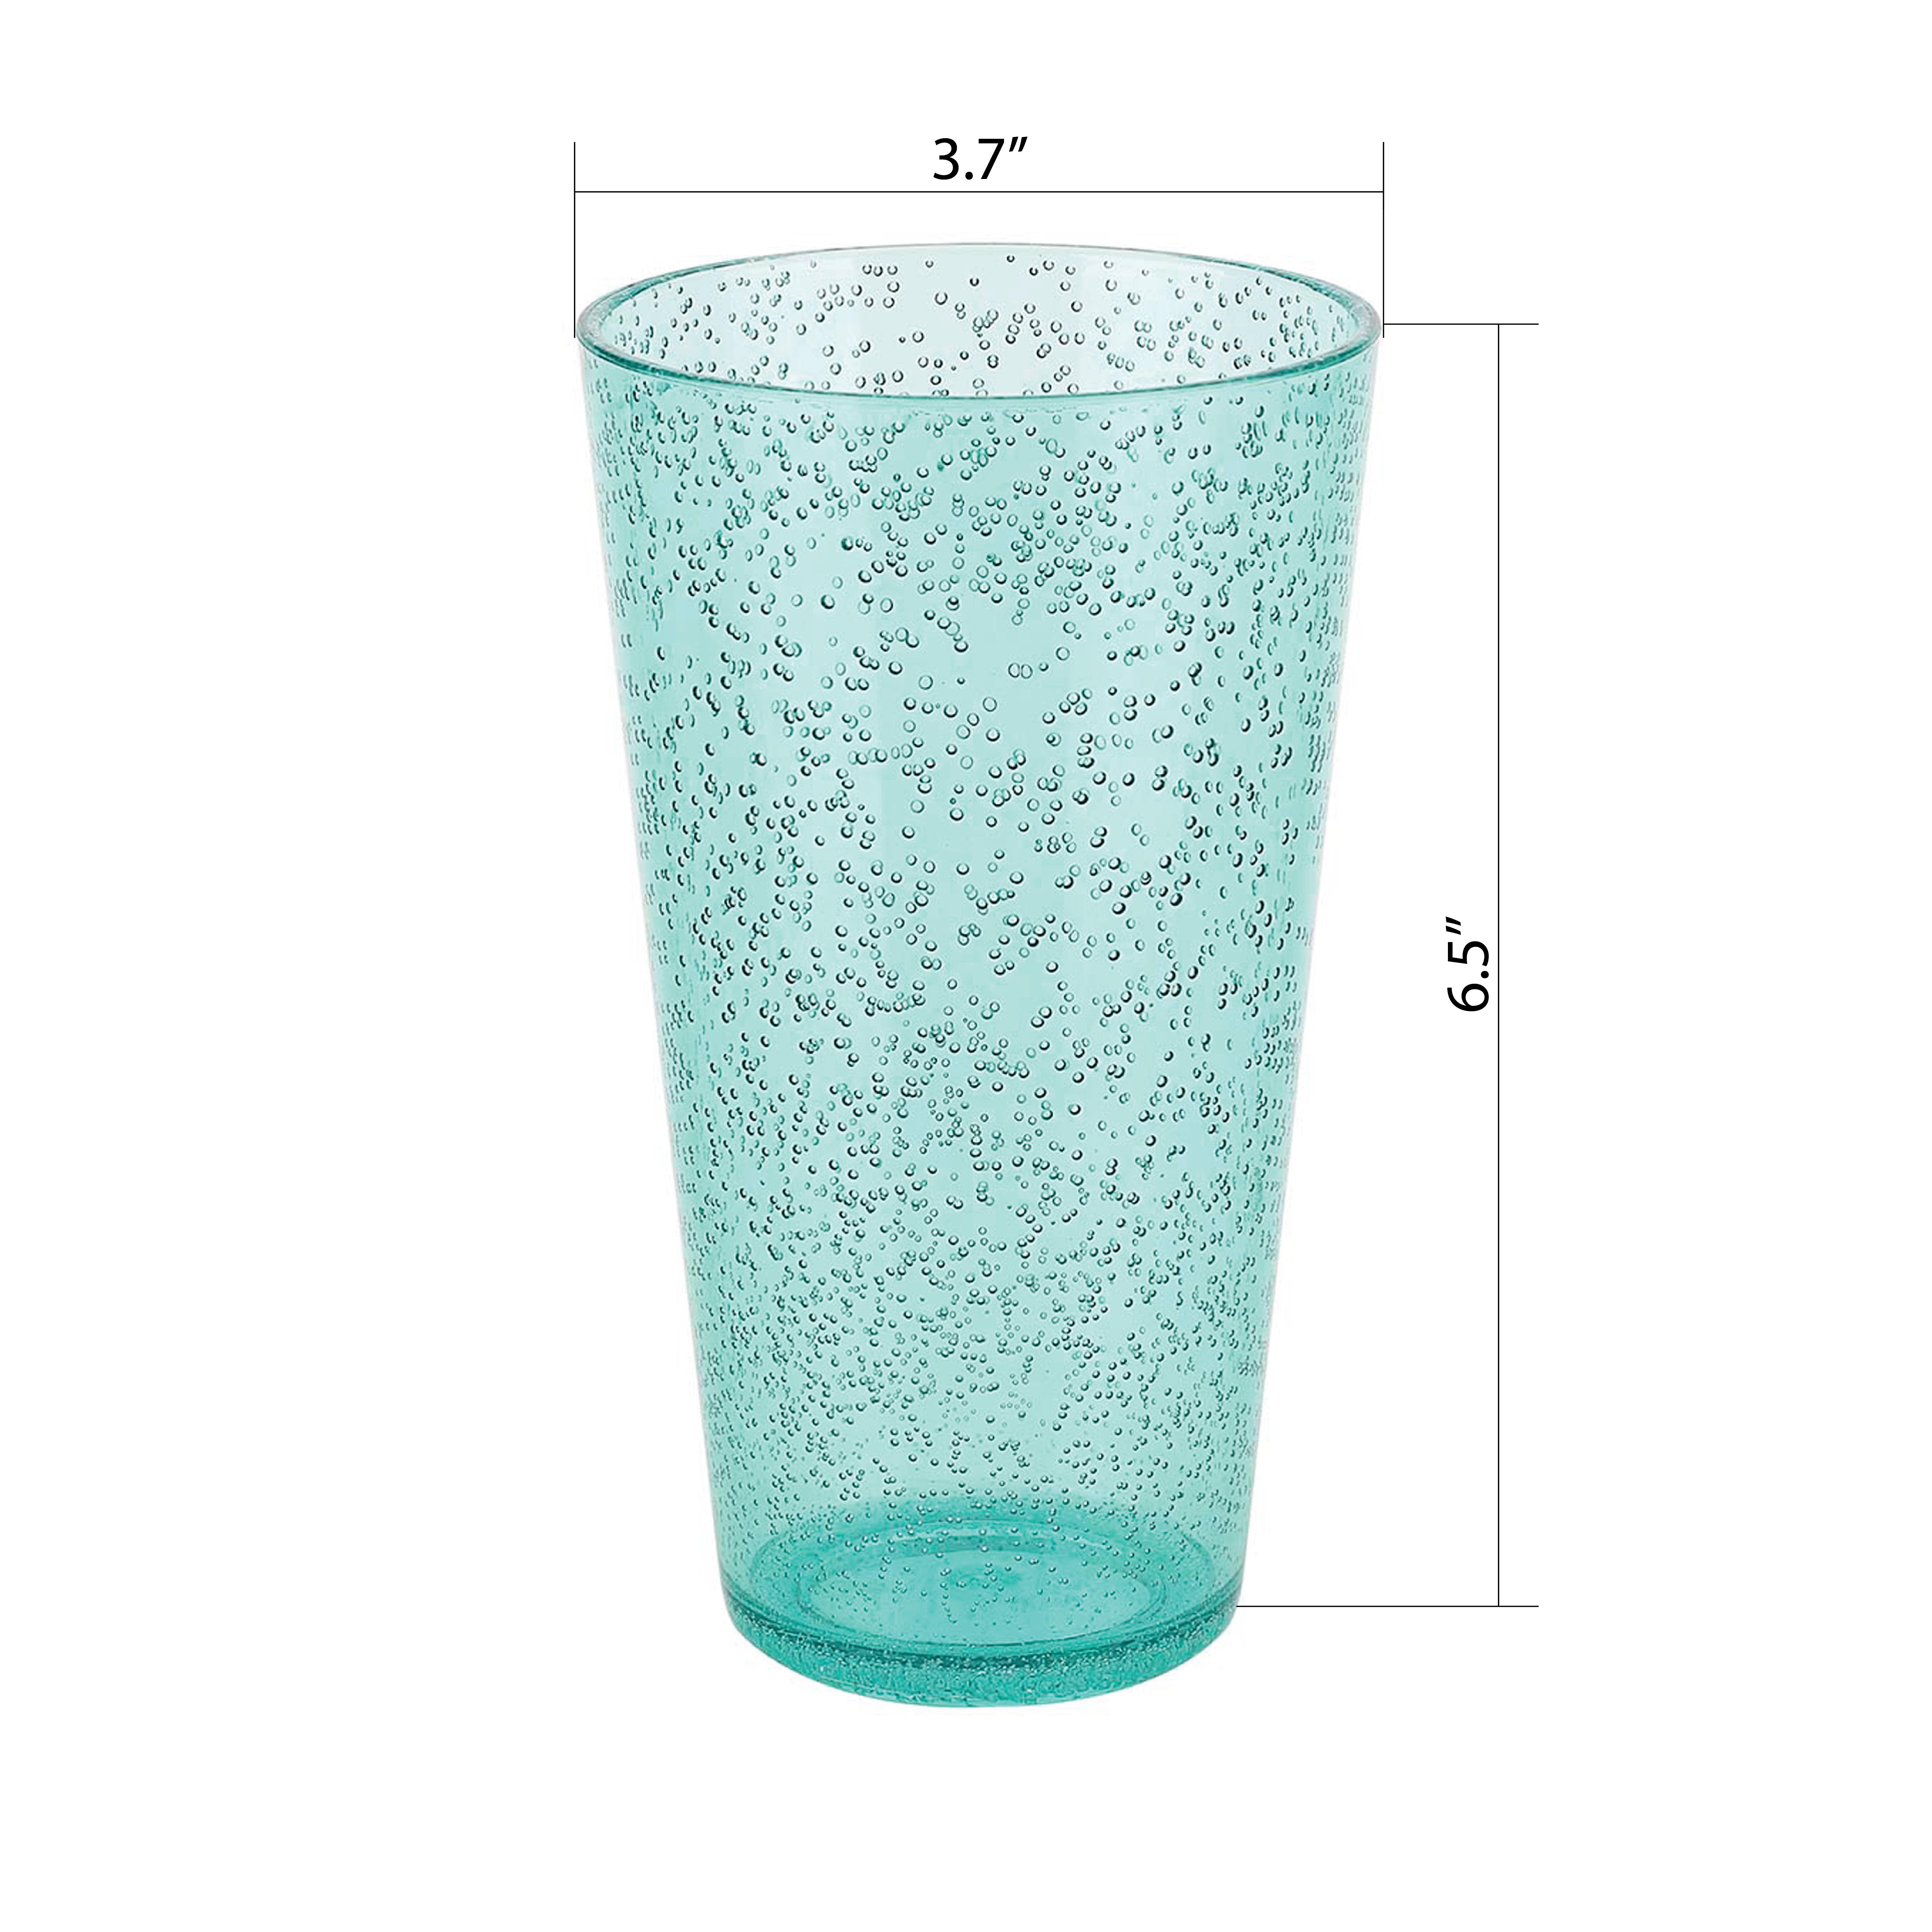 Spritz 23 ounce Highball Glass, Mint, 6-piece set